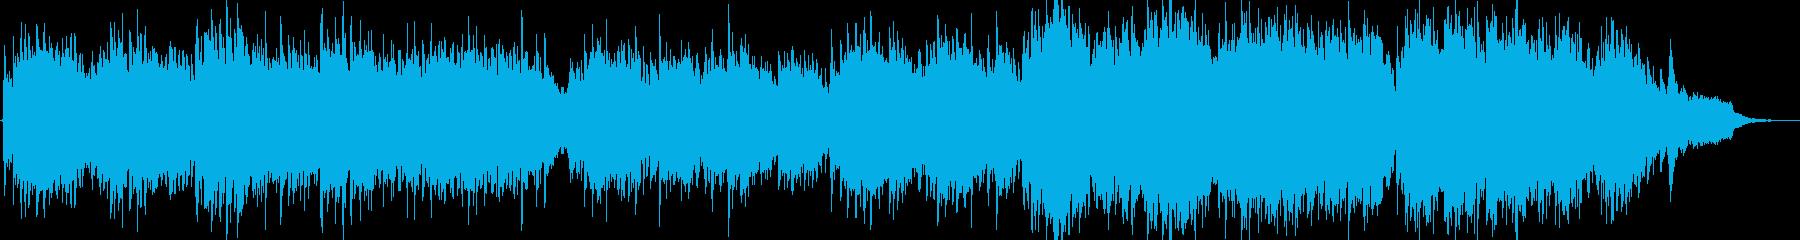 優しいヒーリング曲の再生済みの波形